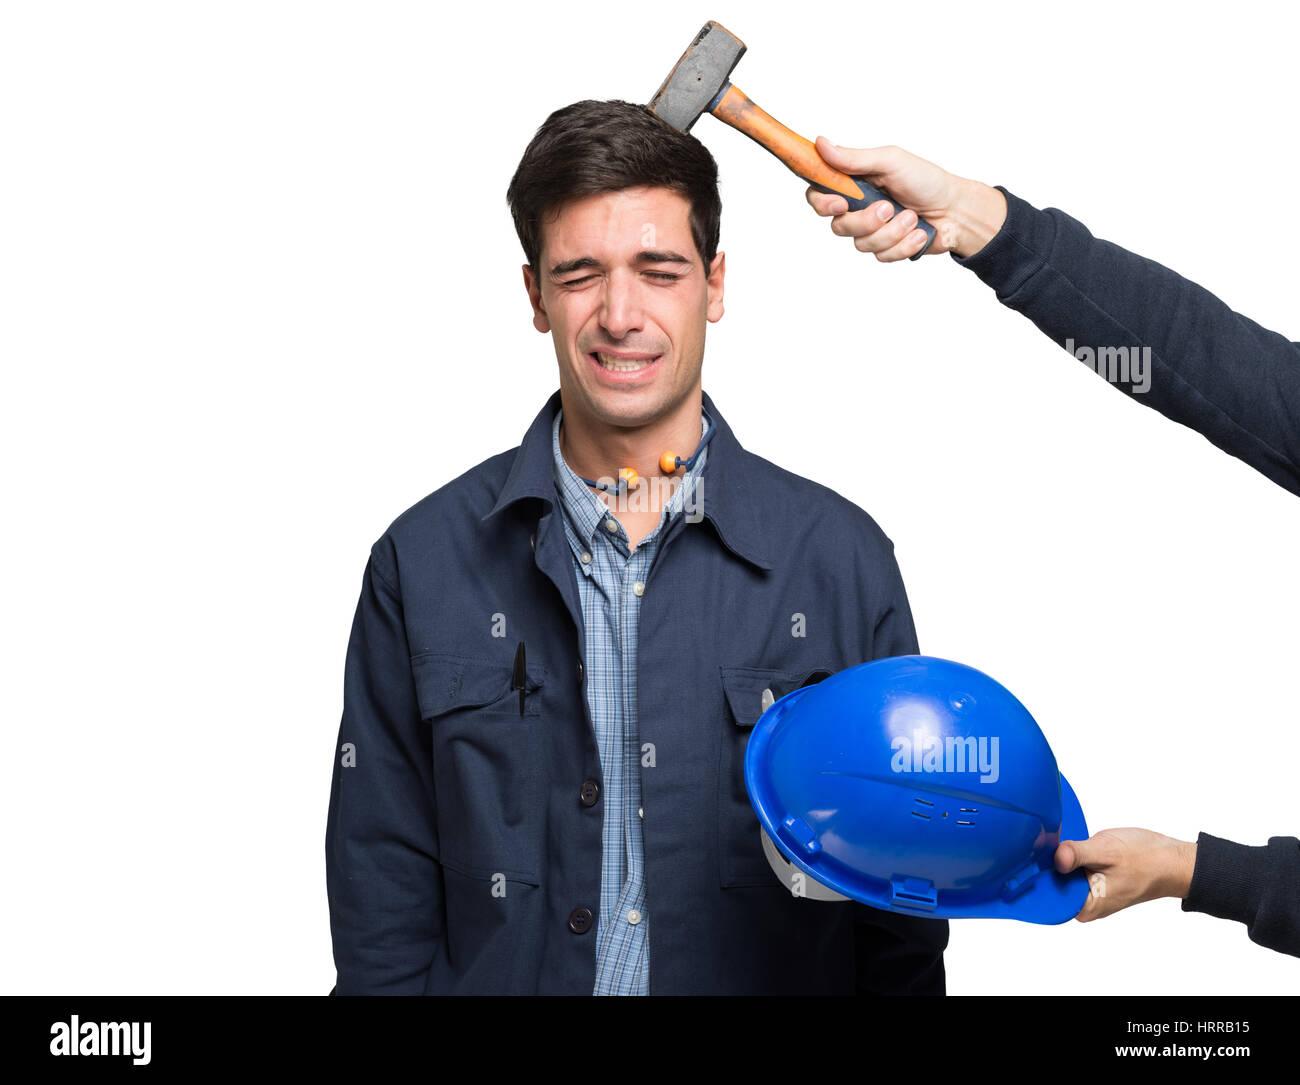 Lavoratore prendendo un colpo di martello sulla sua testa. Isolato su bianco Immagini Stock